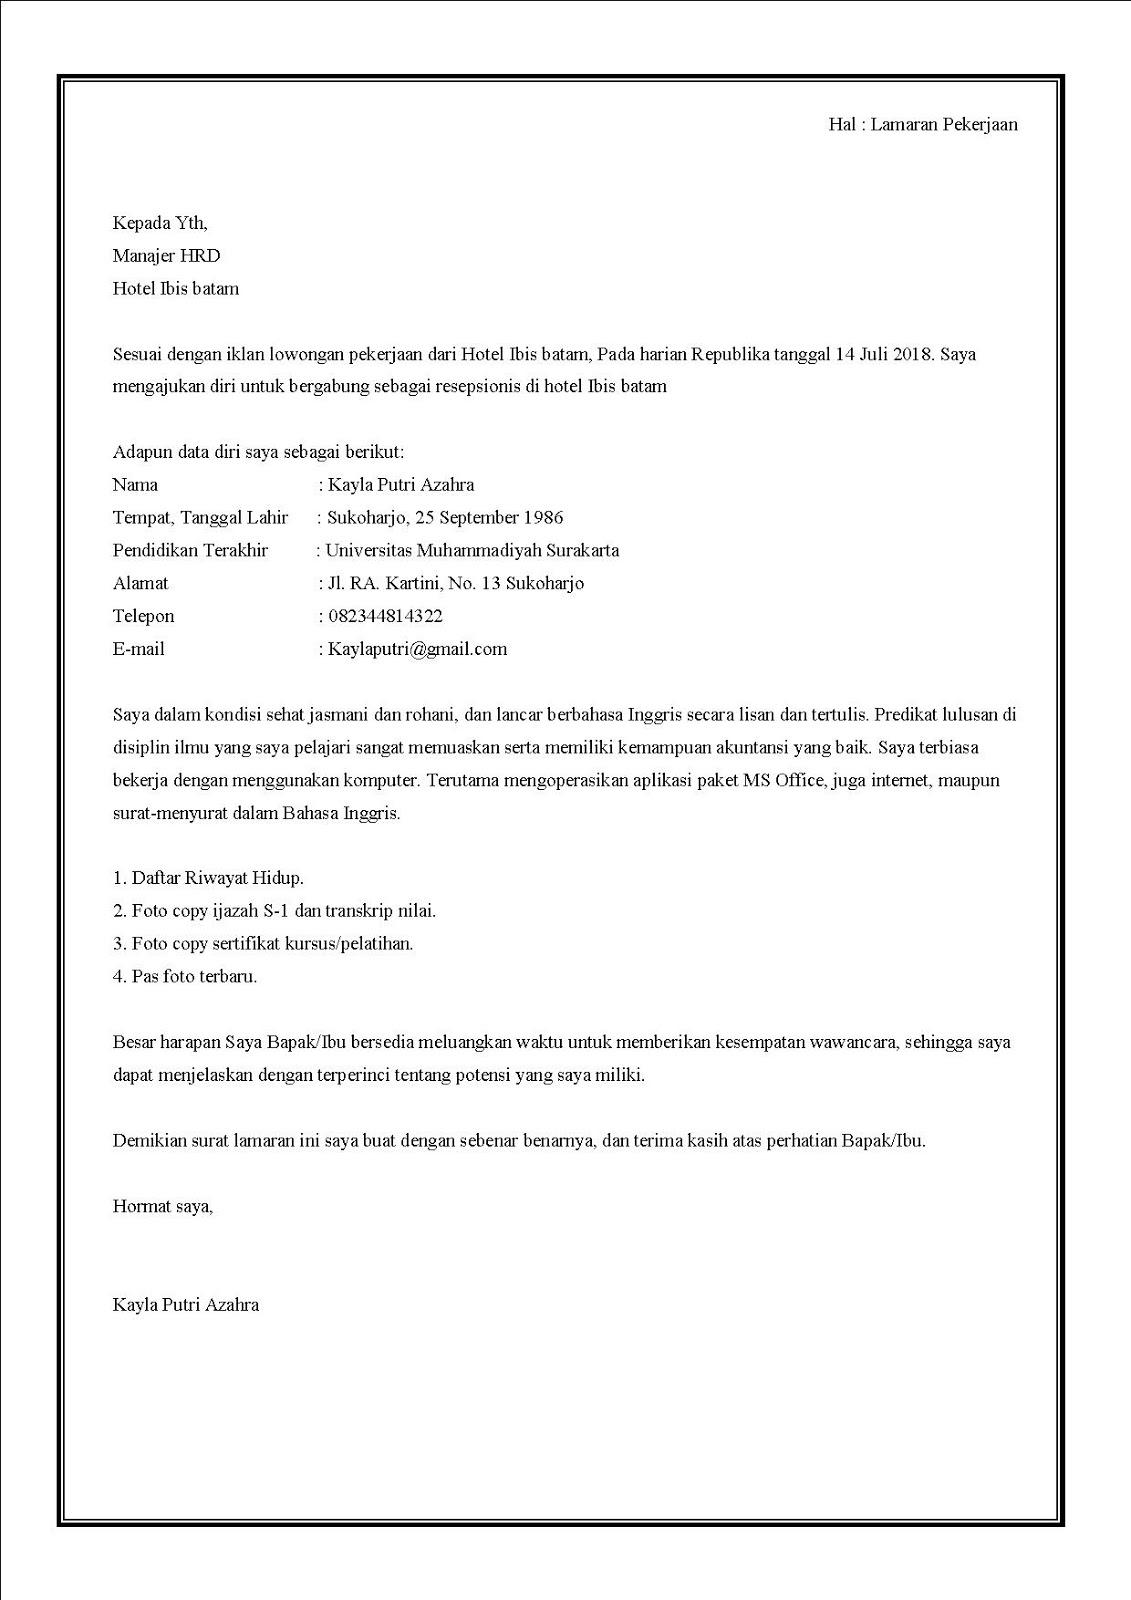 21 Contoh Surat Lamaran Kerja Di Hotel Lengkap Dengan Posisinya Contoh Surat